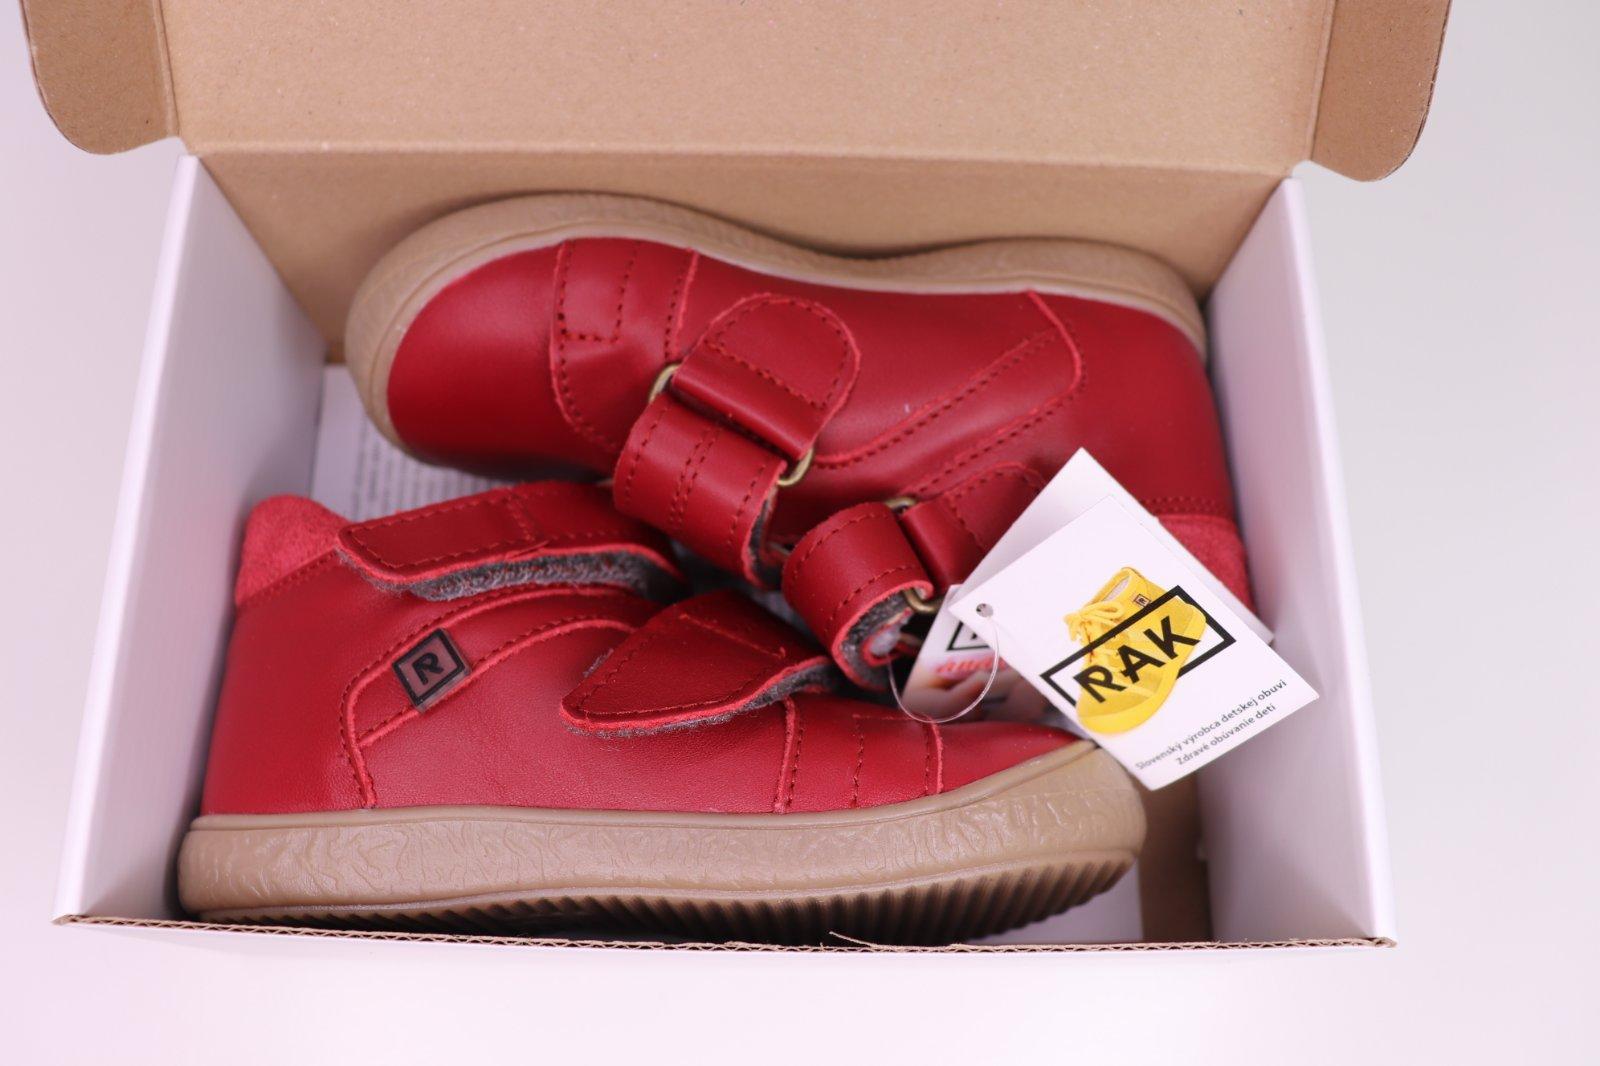 2aa18bb8c25a5 Rak dievčenské kožené topánky kathleen - červené, rak,24 / 25 / 28 - 34 €  od predávajúcej princeznovo | Detský bazár | ModryKonik.sk